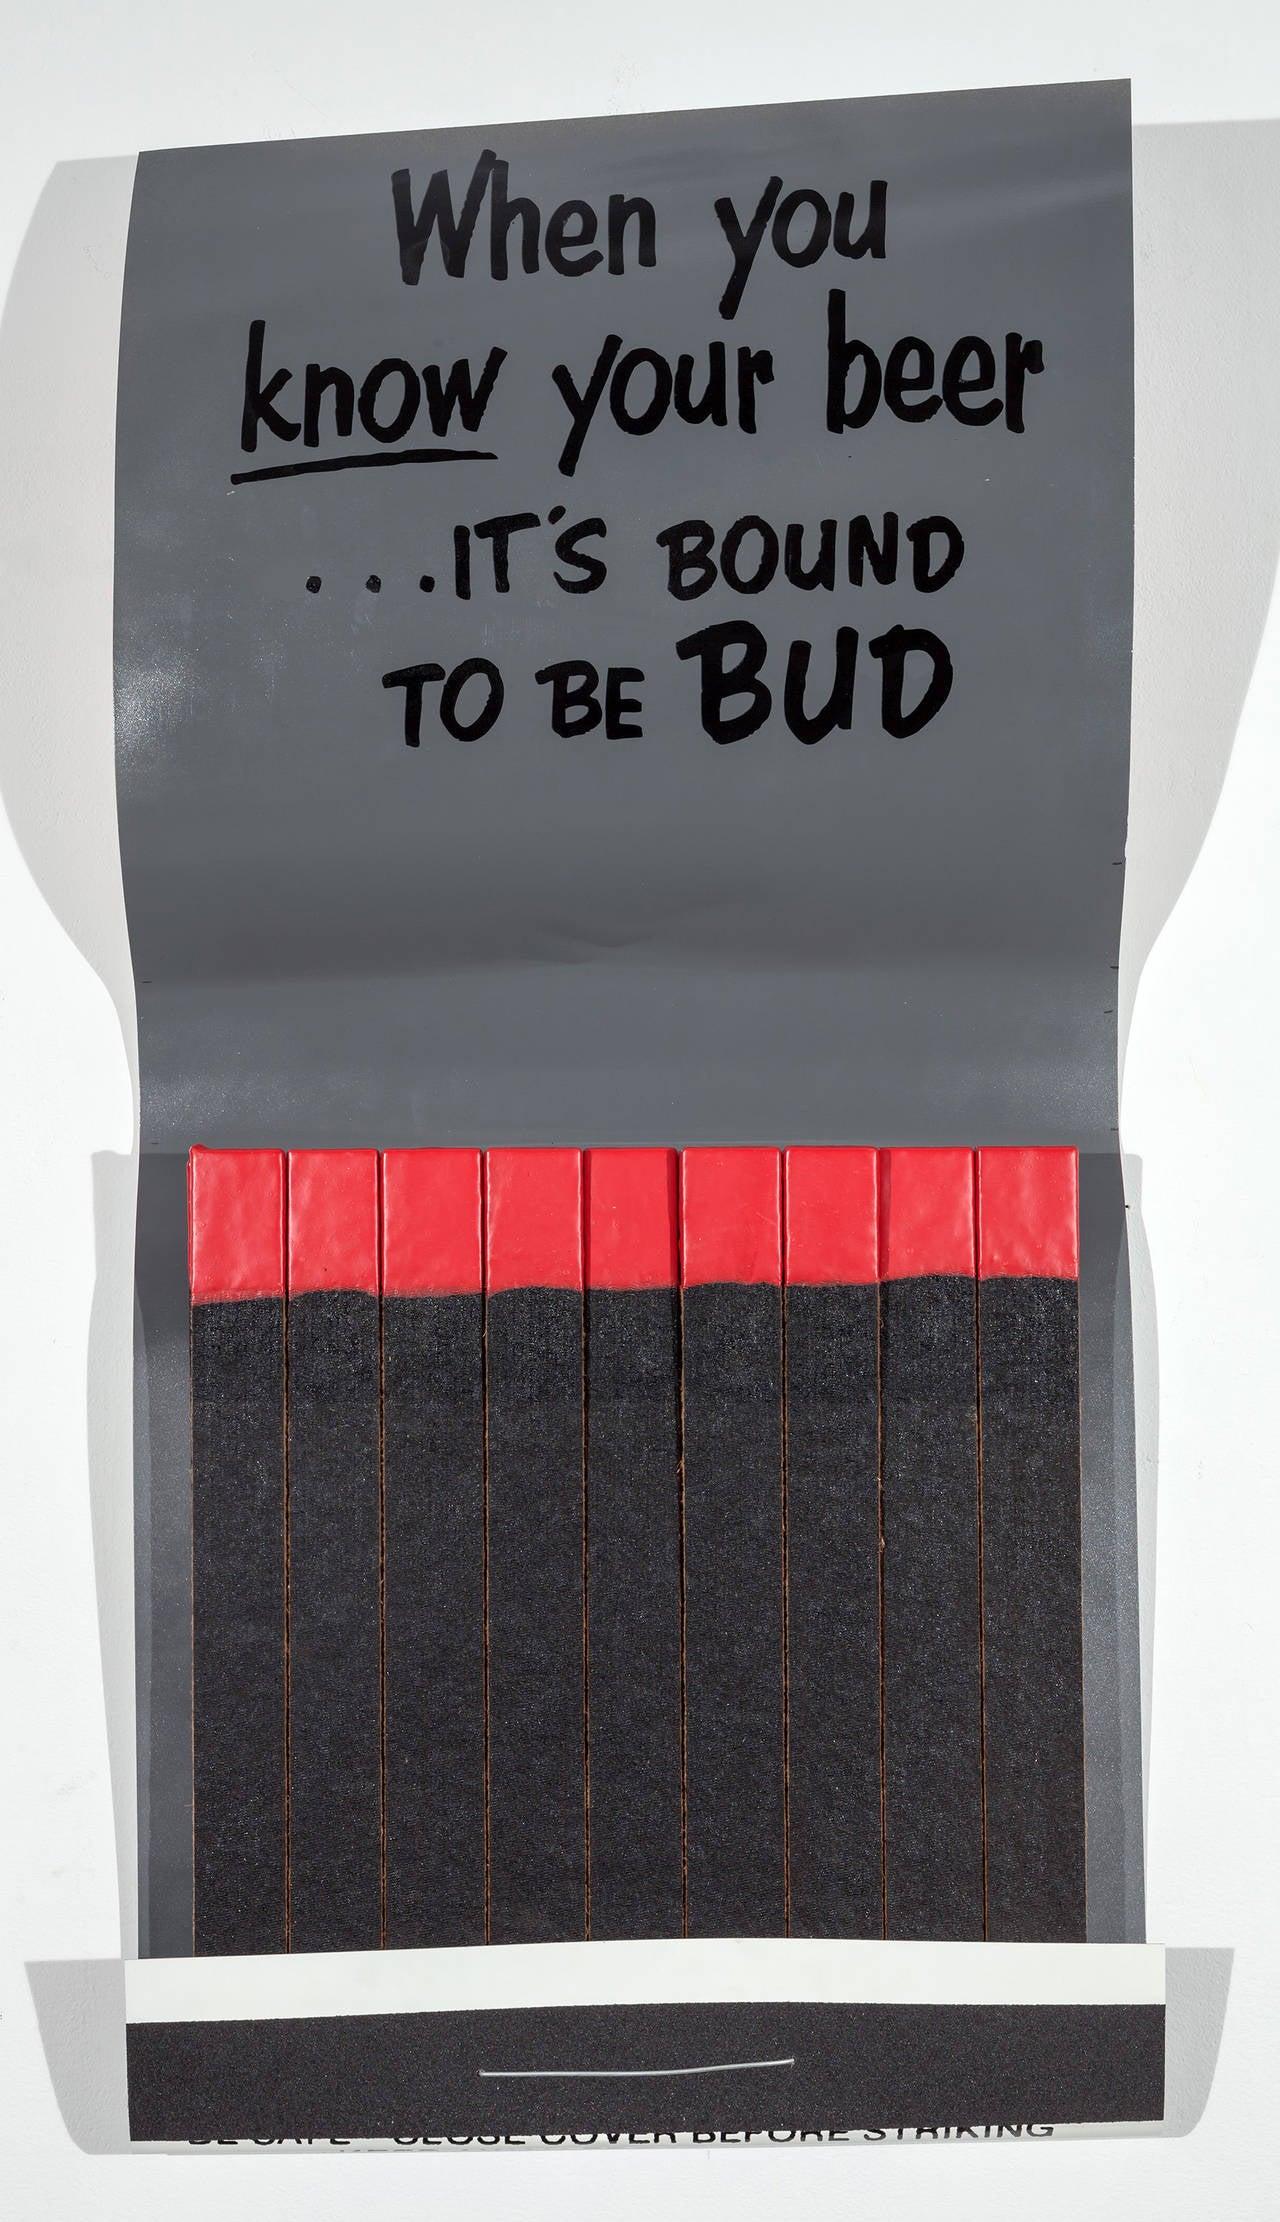 Budweiser - Pop Art Sculpture by Skylar Fein